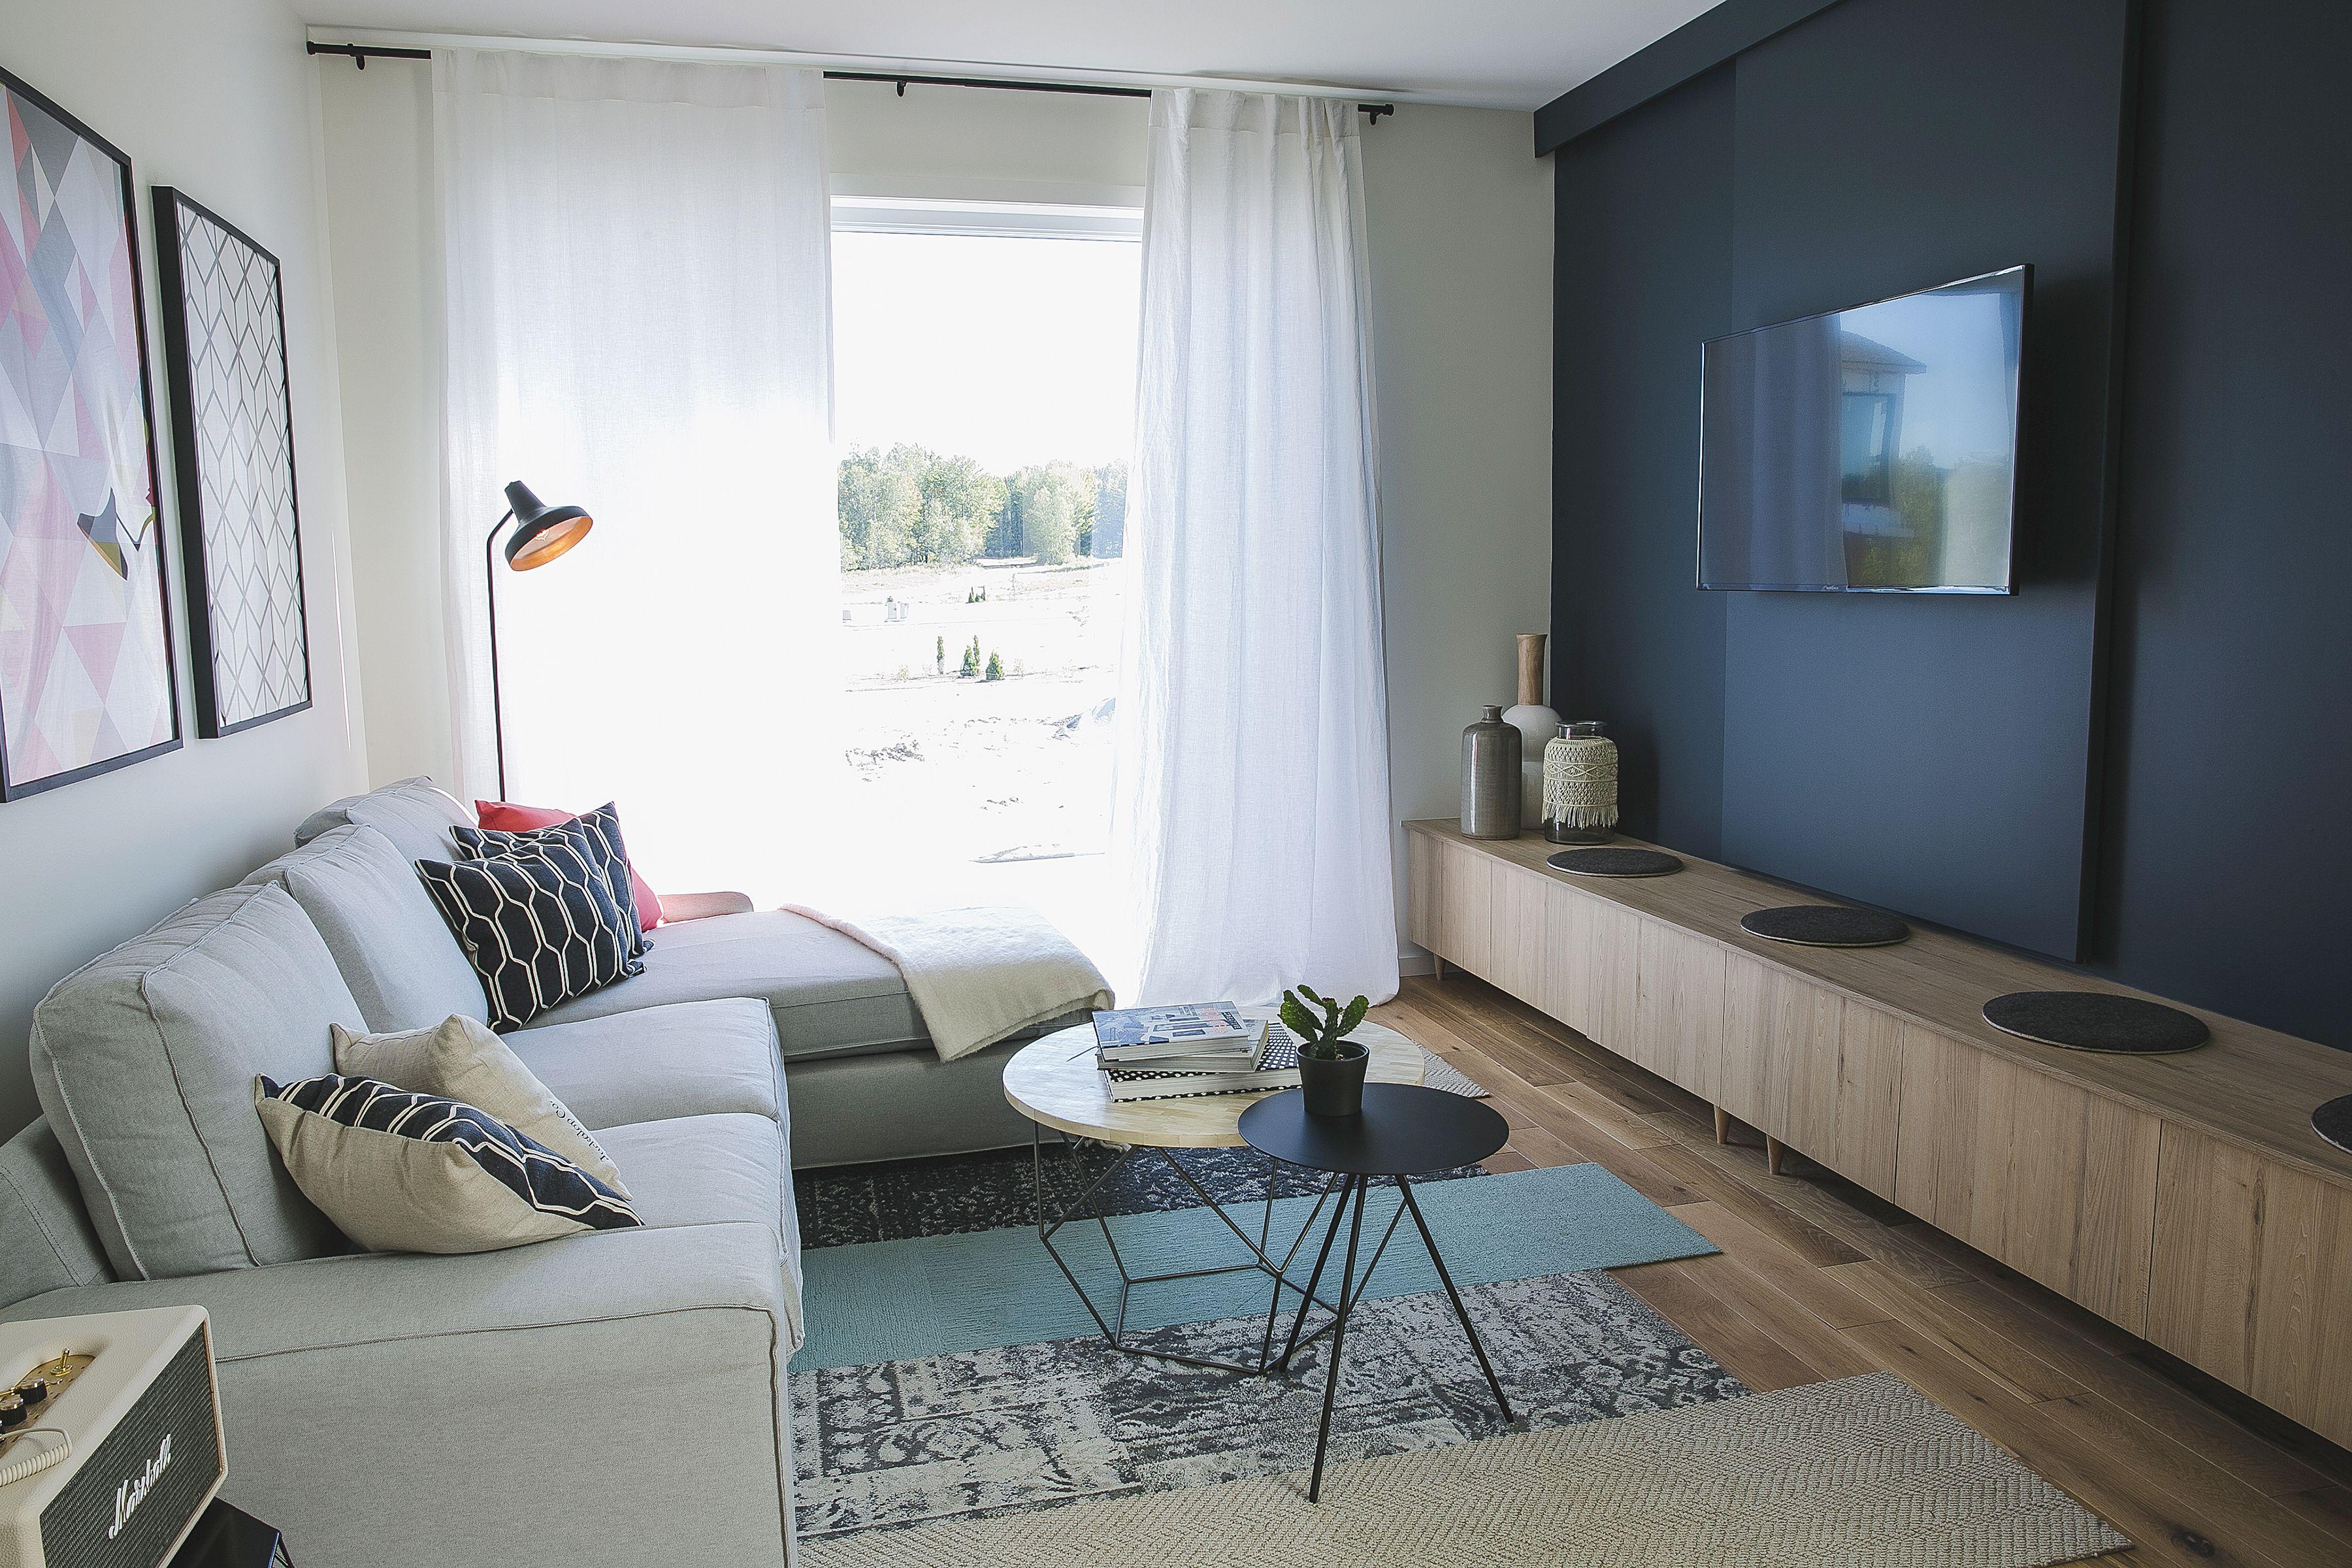 séjour scandinave mur télé tapis sectionnel